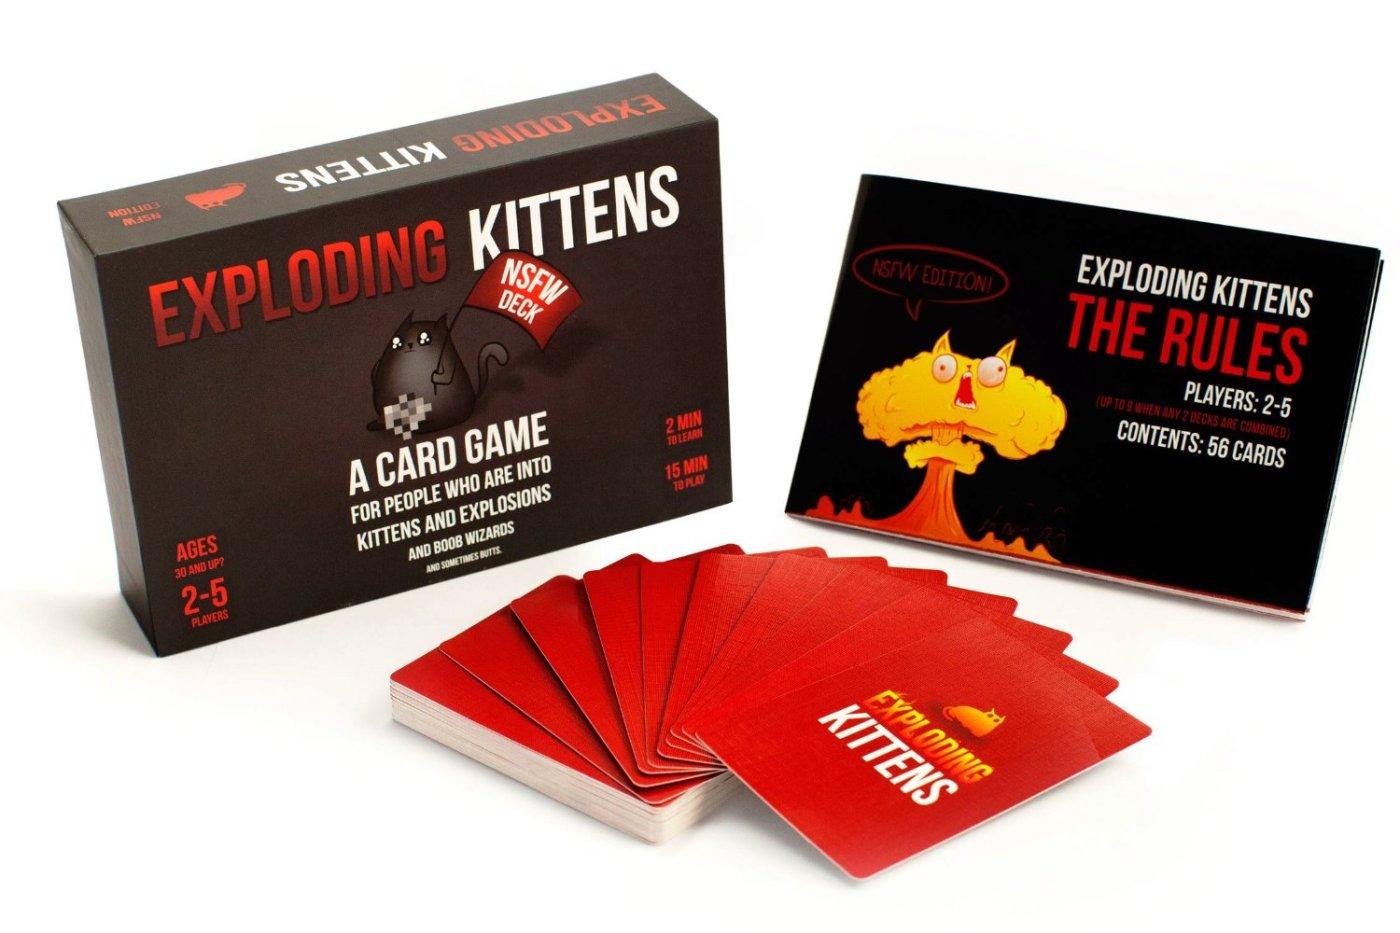 Exploding Kittens juego de cartas